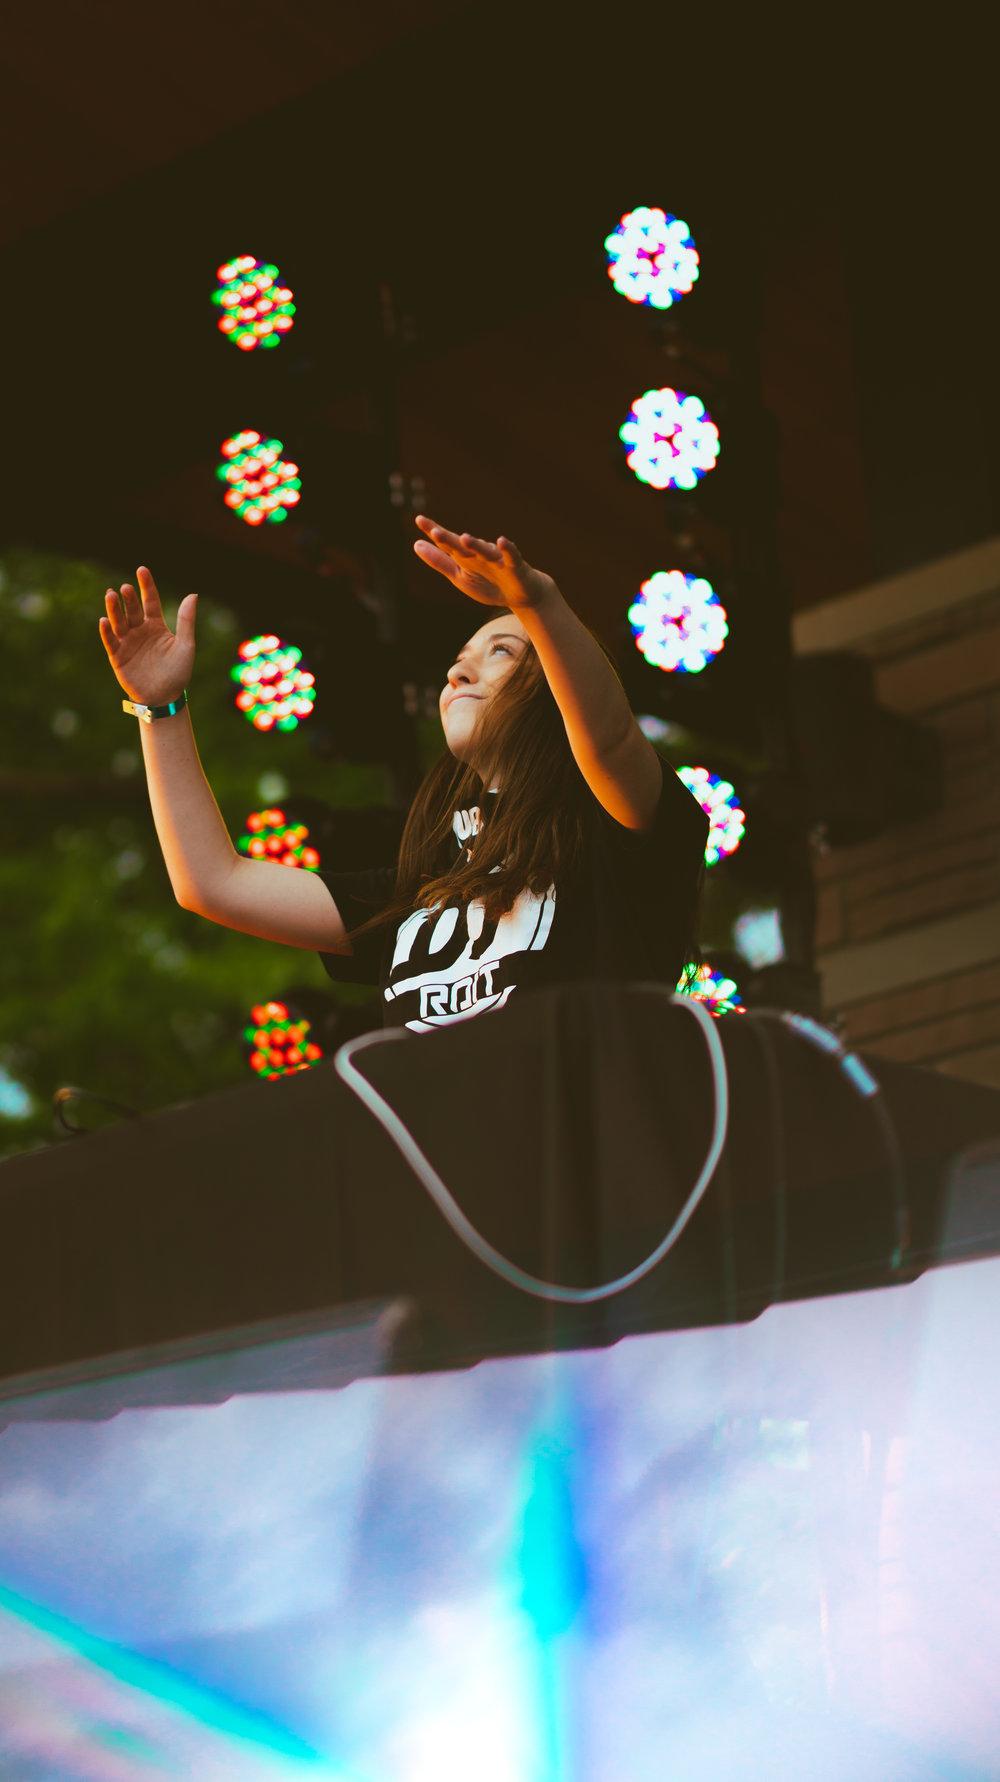 DJ Roit.